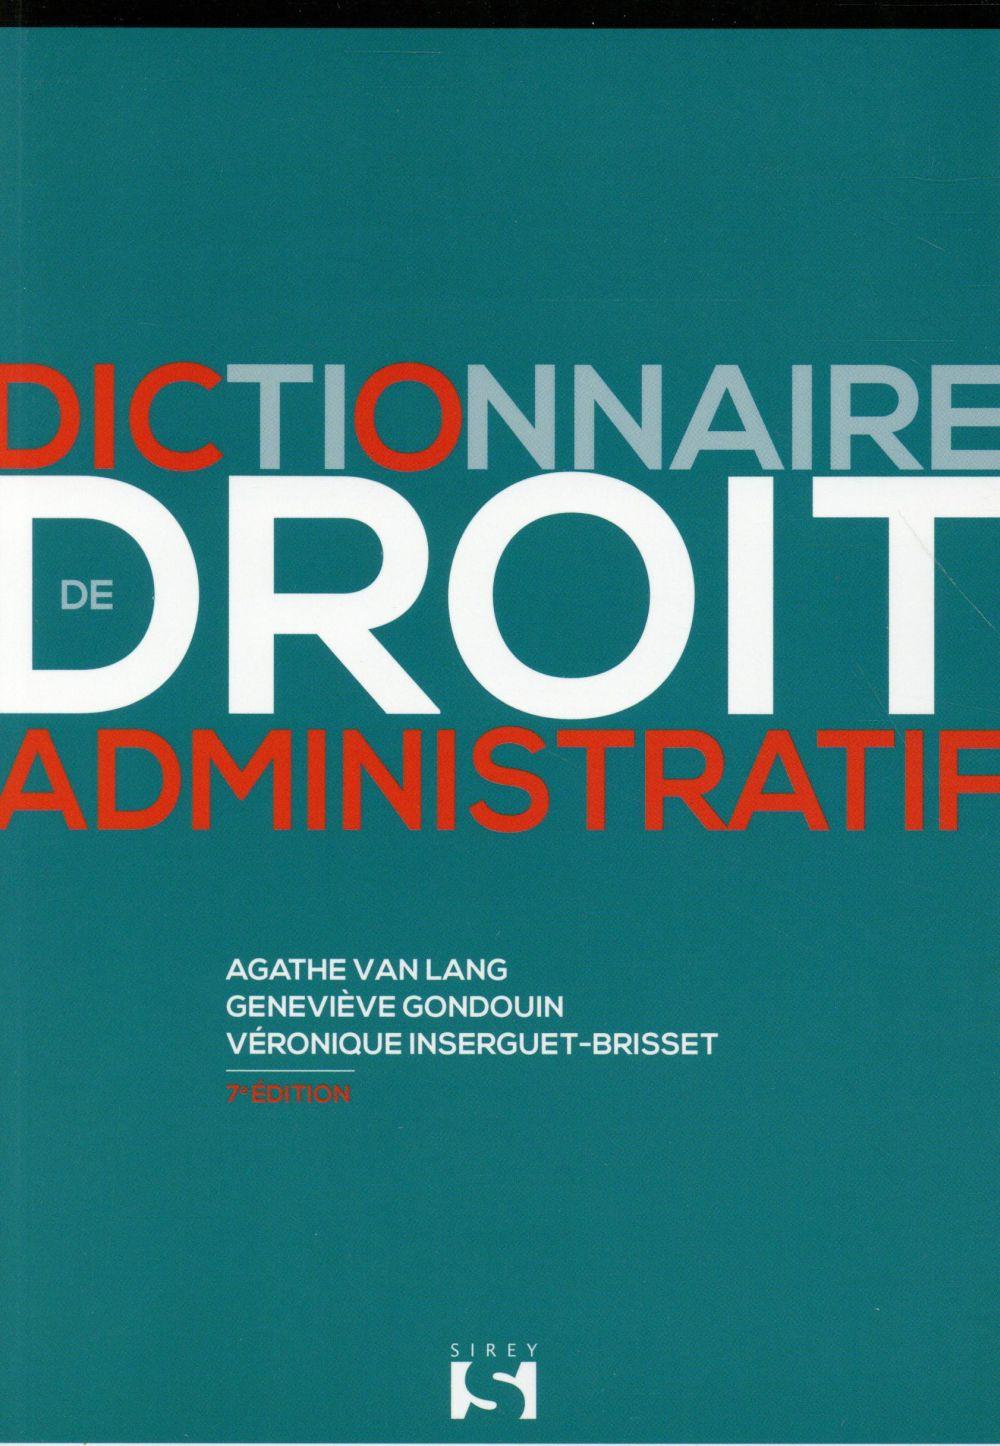 dictionnaire de droit administratif (7e édition)